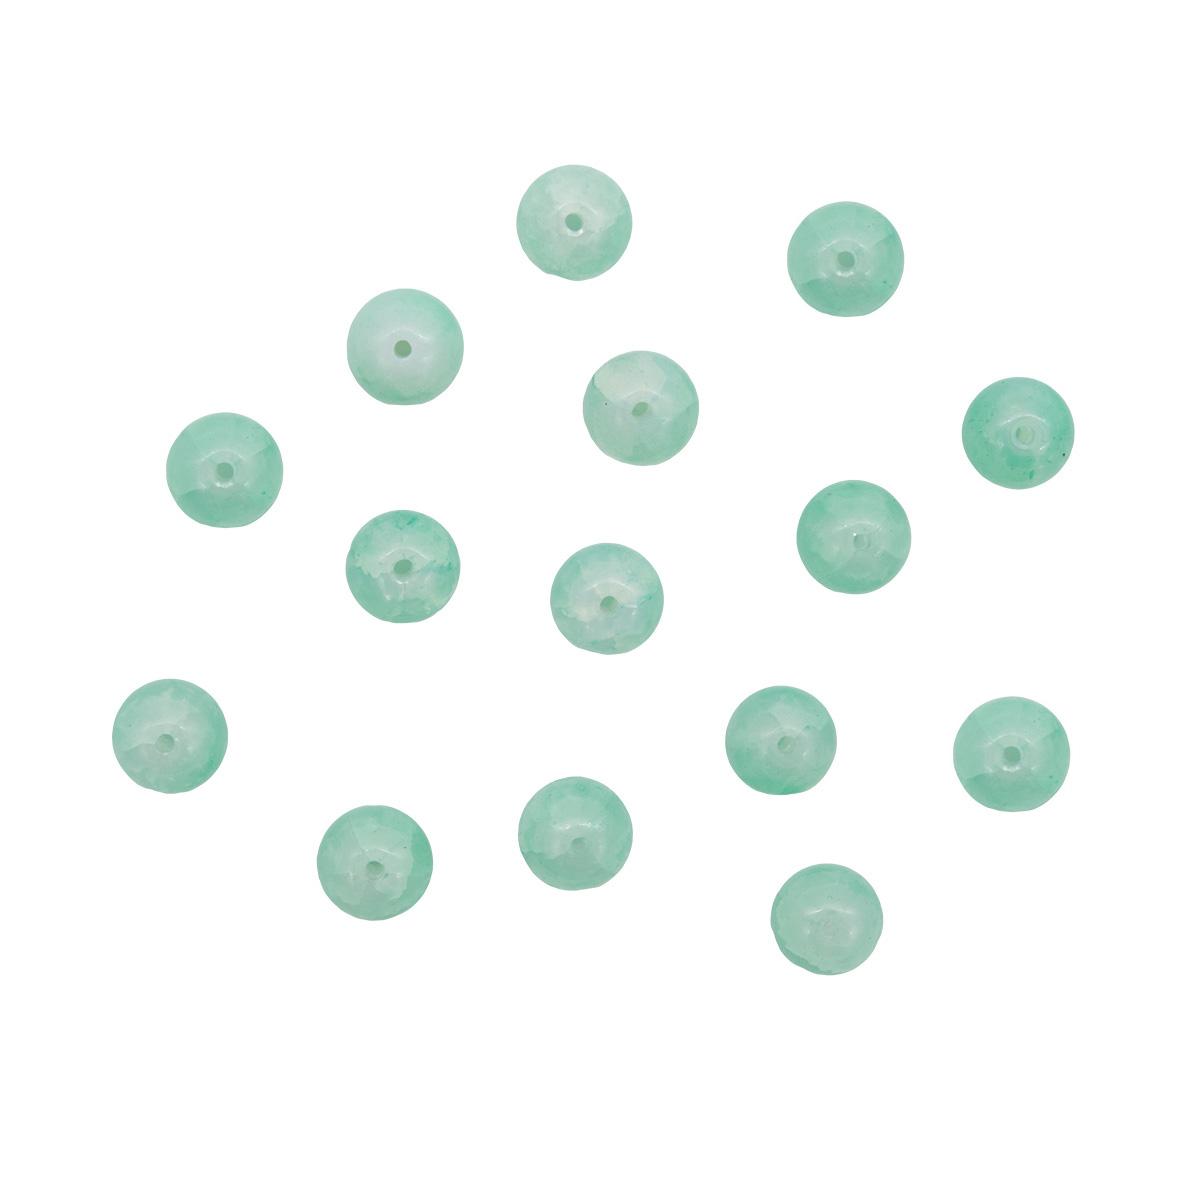 1301132 Бусины стеклянные 'Нефритовое кракле' 10мм, упак/20шт., 'Астра'